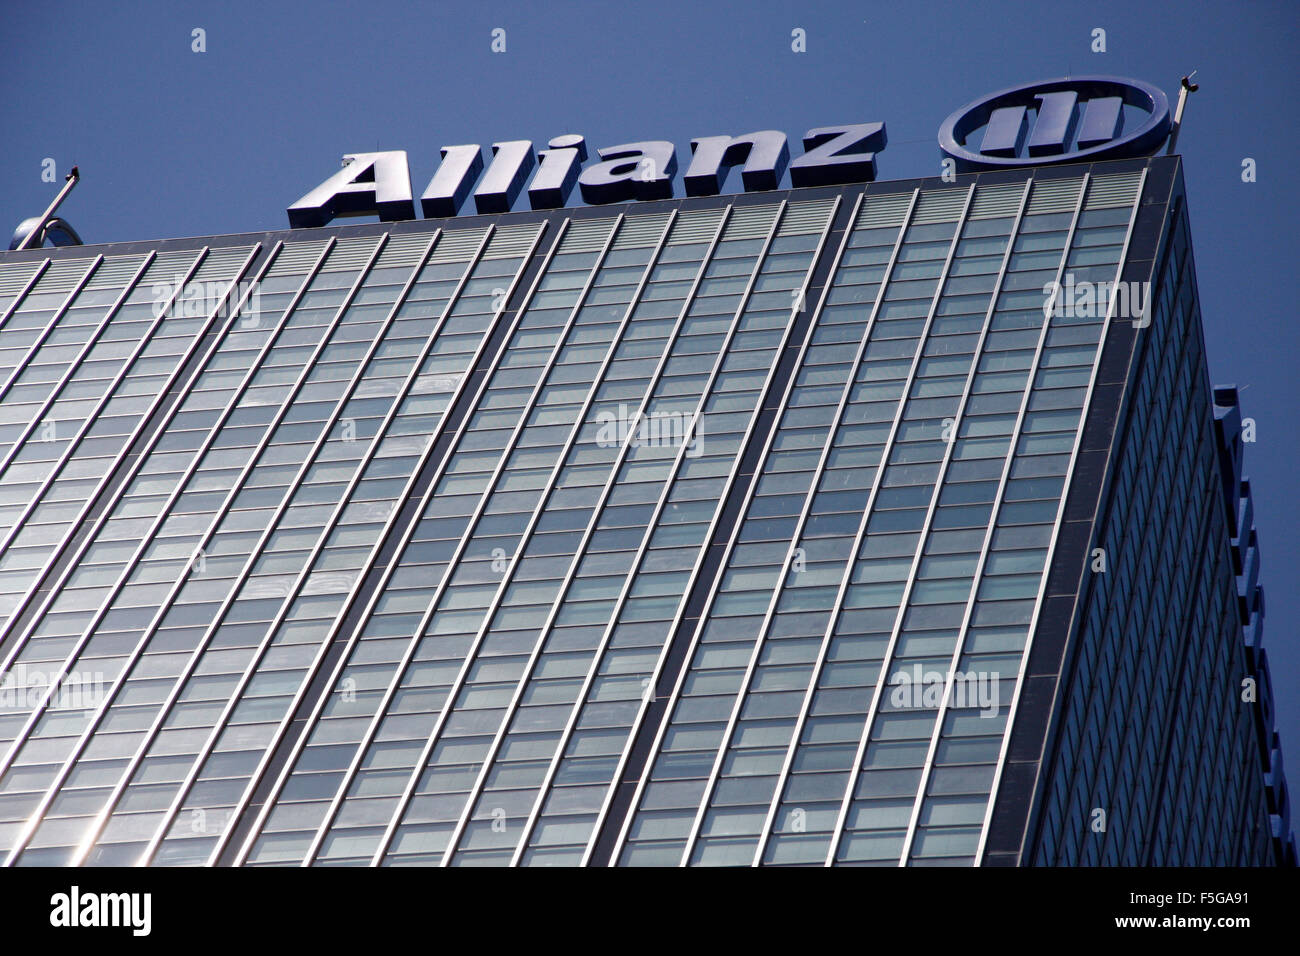 Allianz-Zentrale, Berlin-Treptow. - Stock Image